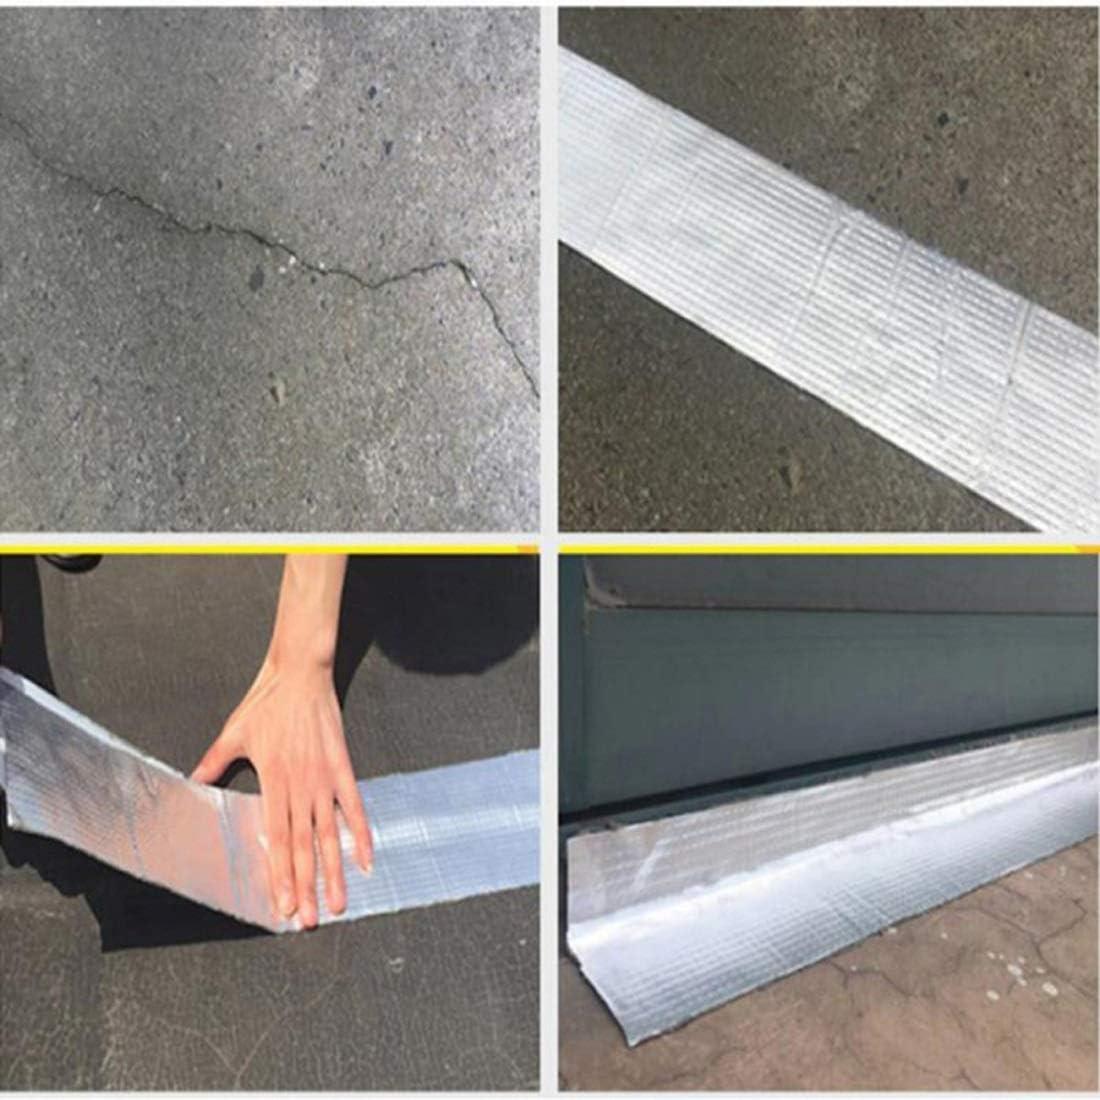 Bedeckt Mit Aluminiumfolien-Folienband For Die Abdichtungsreparatur 1,9 In Breite X 16,4 Ft L/änge Aluminum Wasserdichtes Butyl Klebeband,Dachreparaturband Marine-Gummidichtungsband